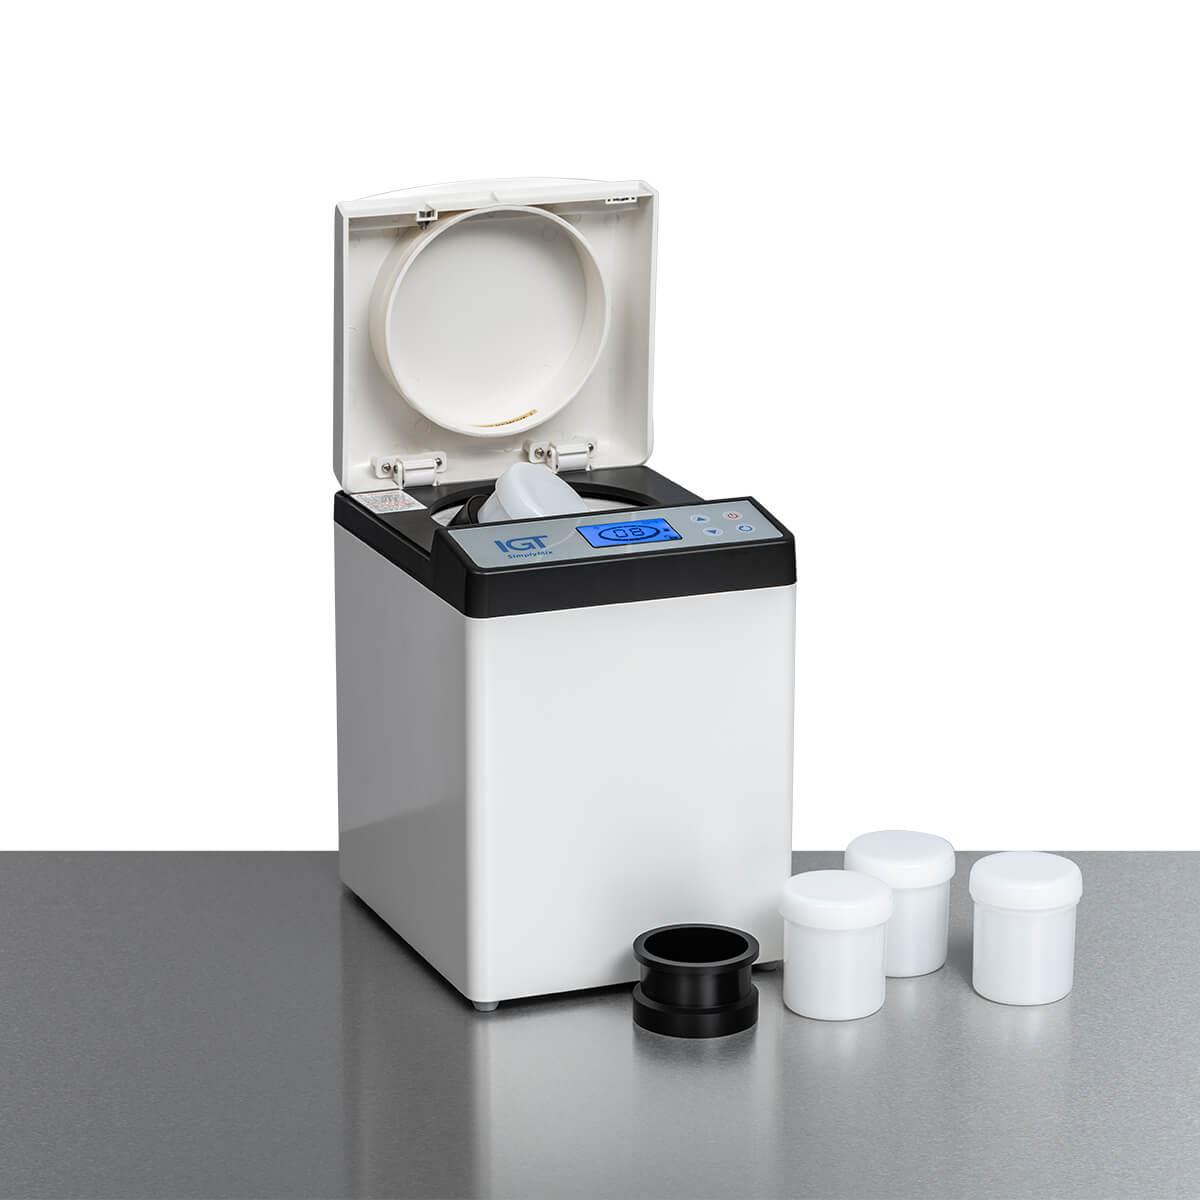 SimplyMix Ink Mixer